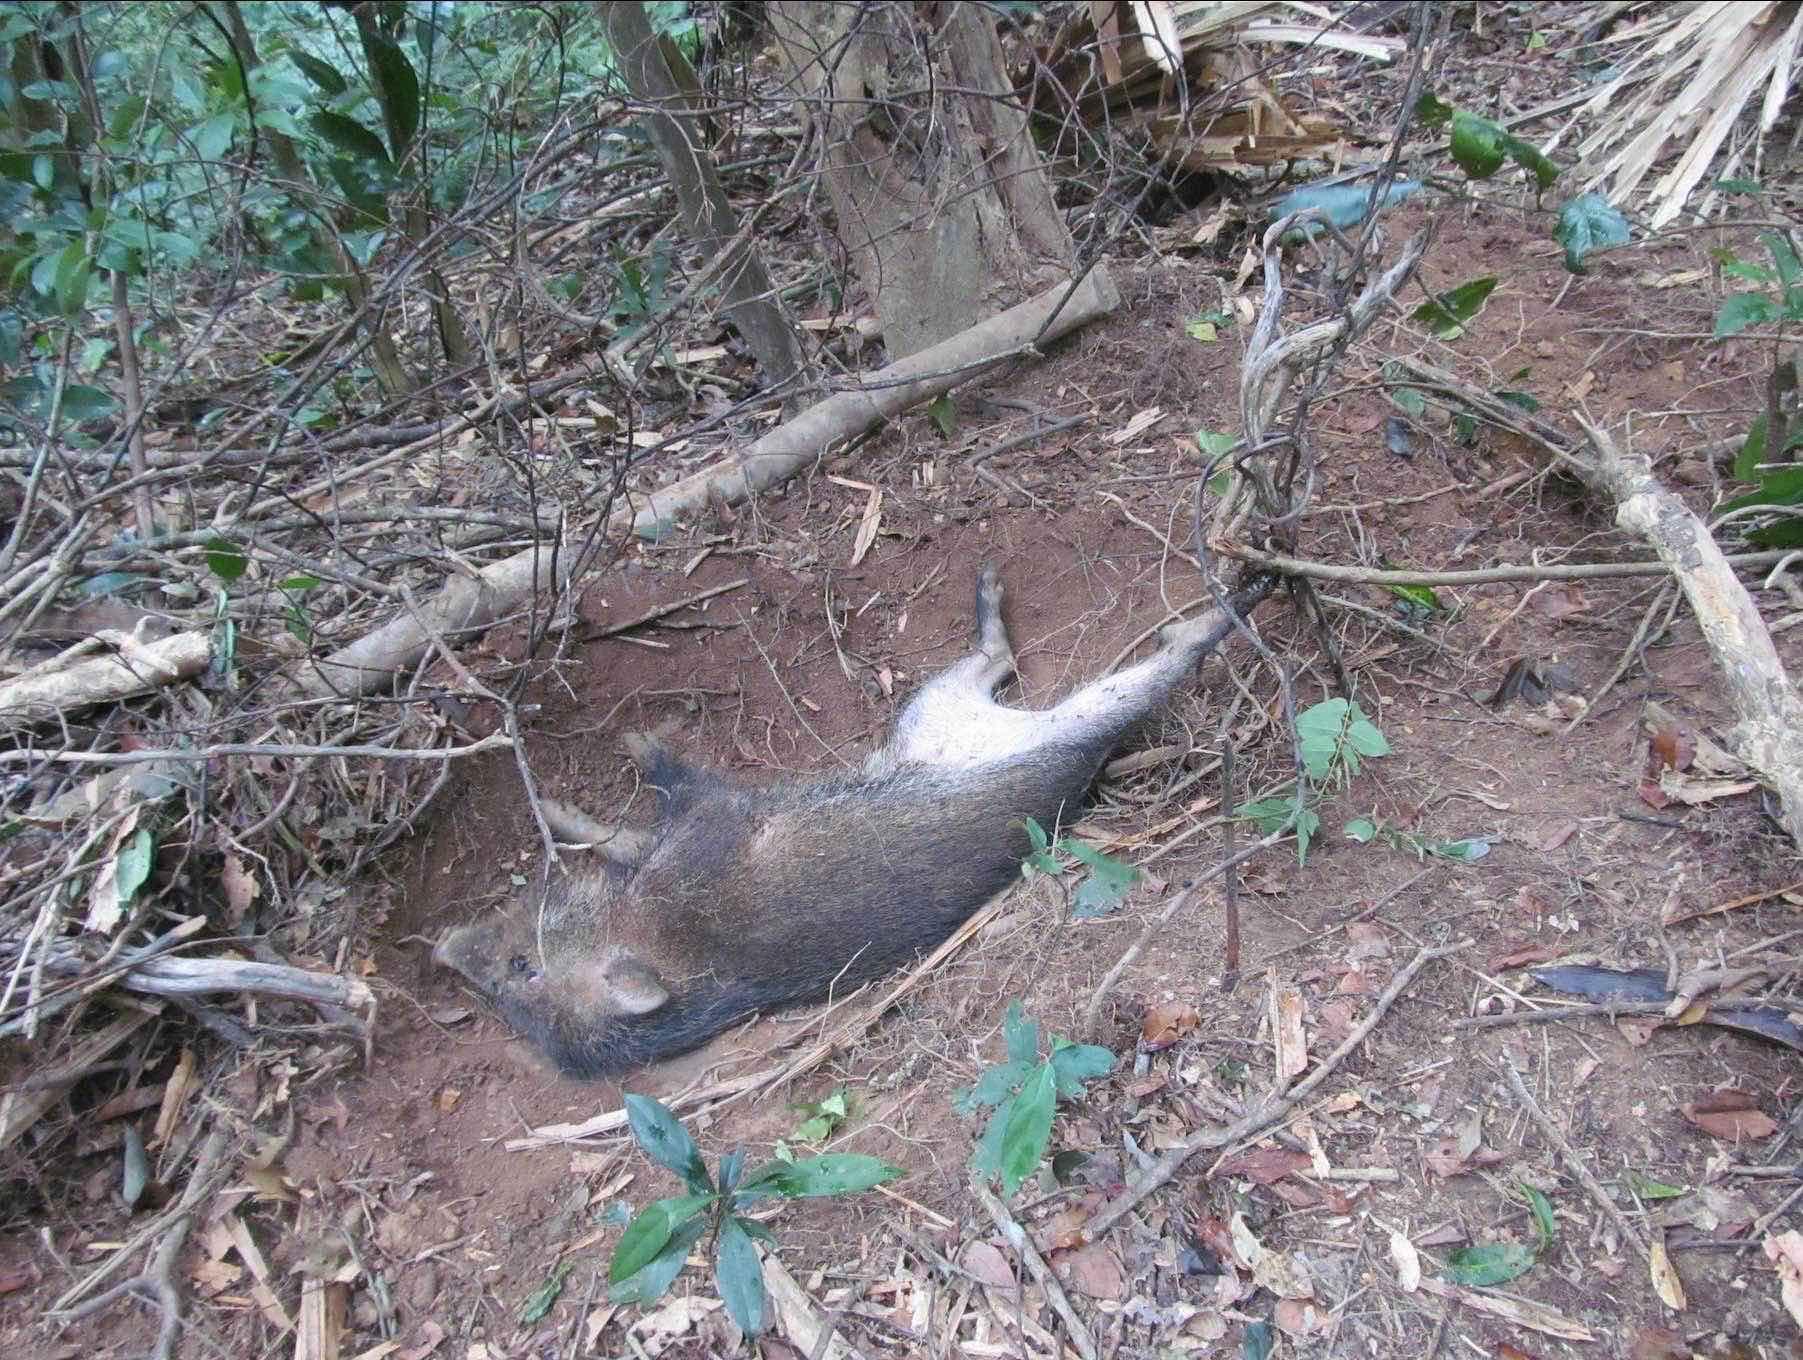 Wild Boar caught in a snare